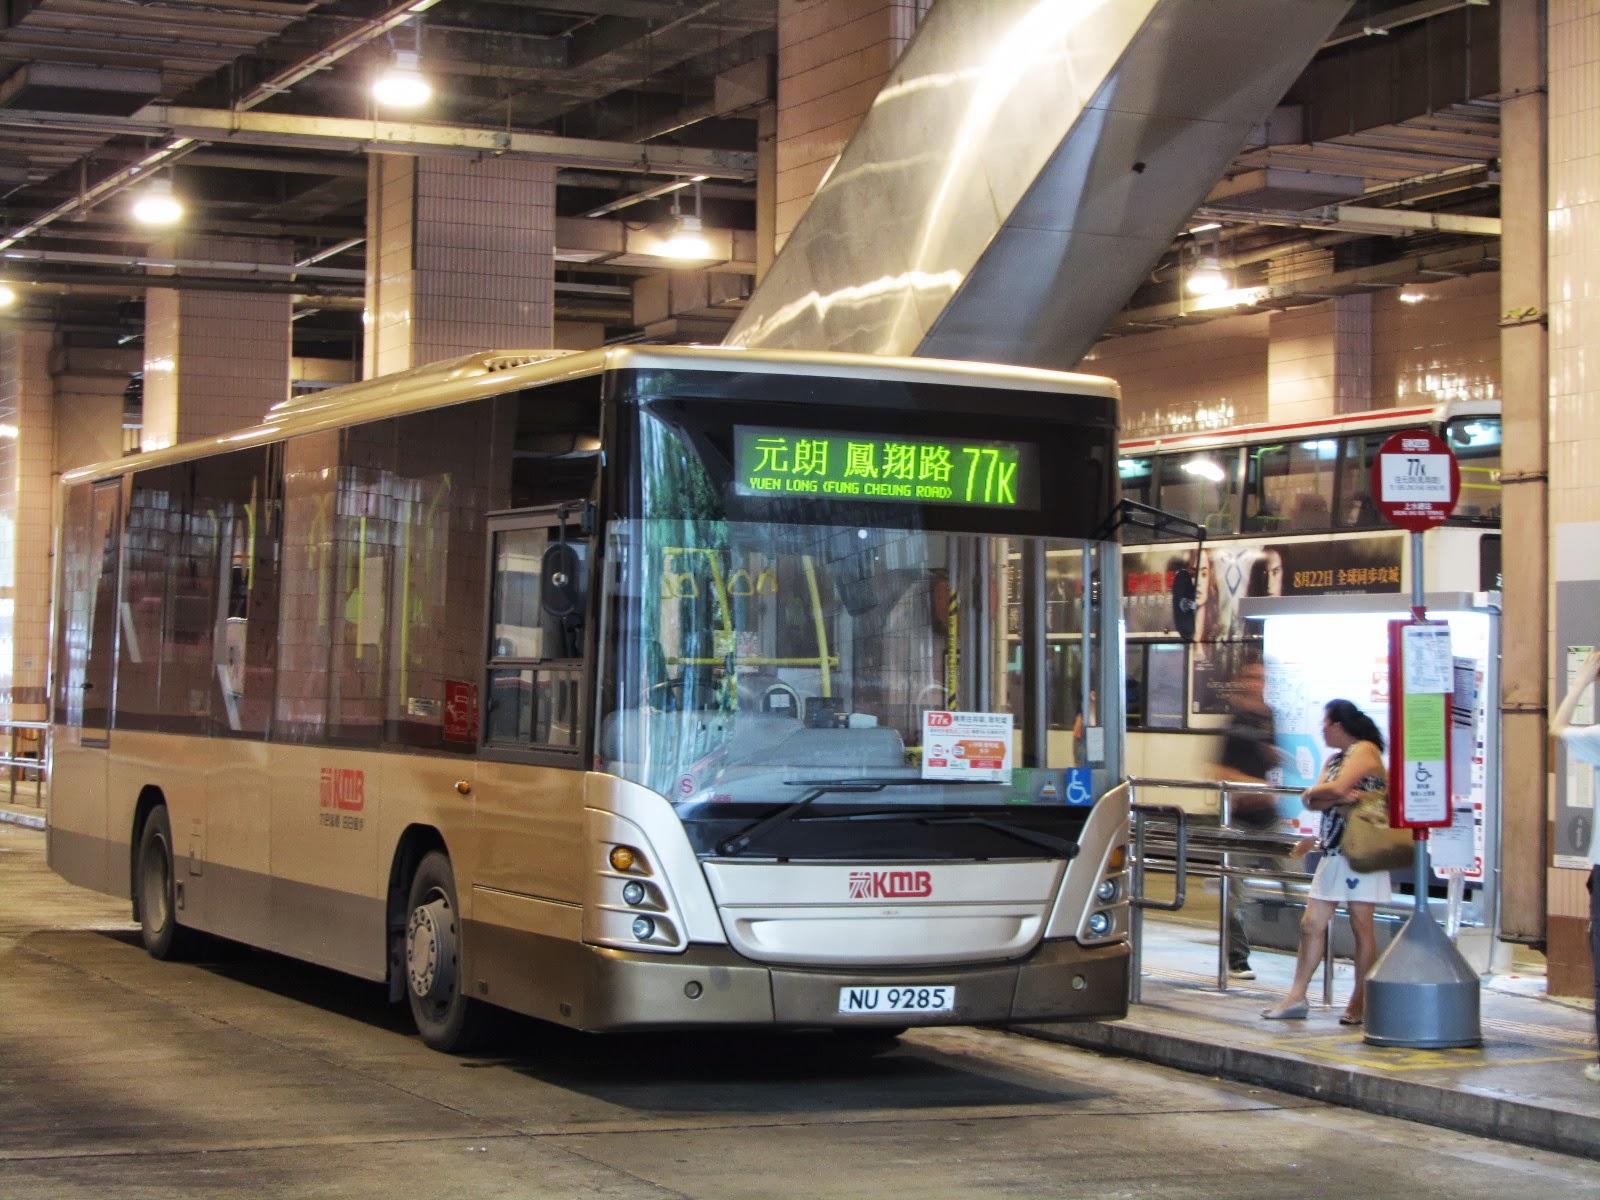 巴敗傳: 212 - 第四十章 北區區域性巴士路線重組 (4)